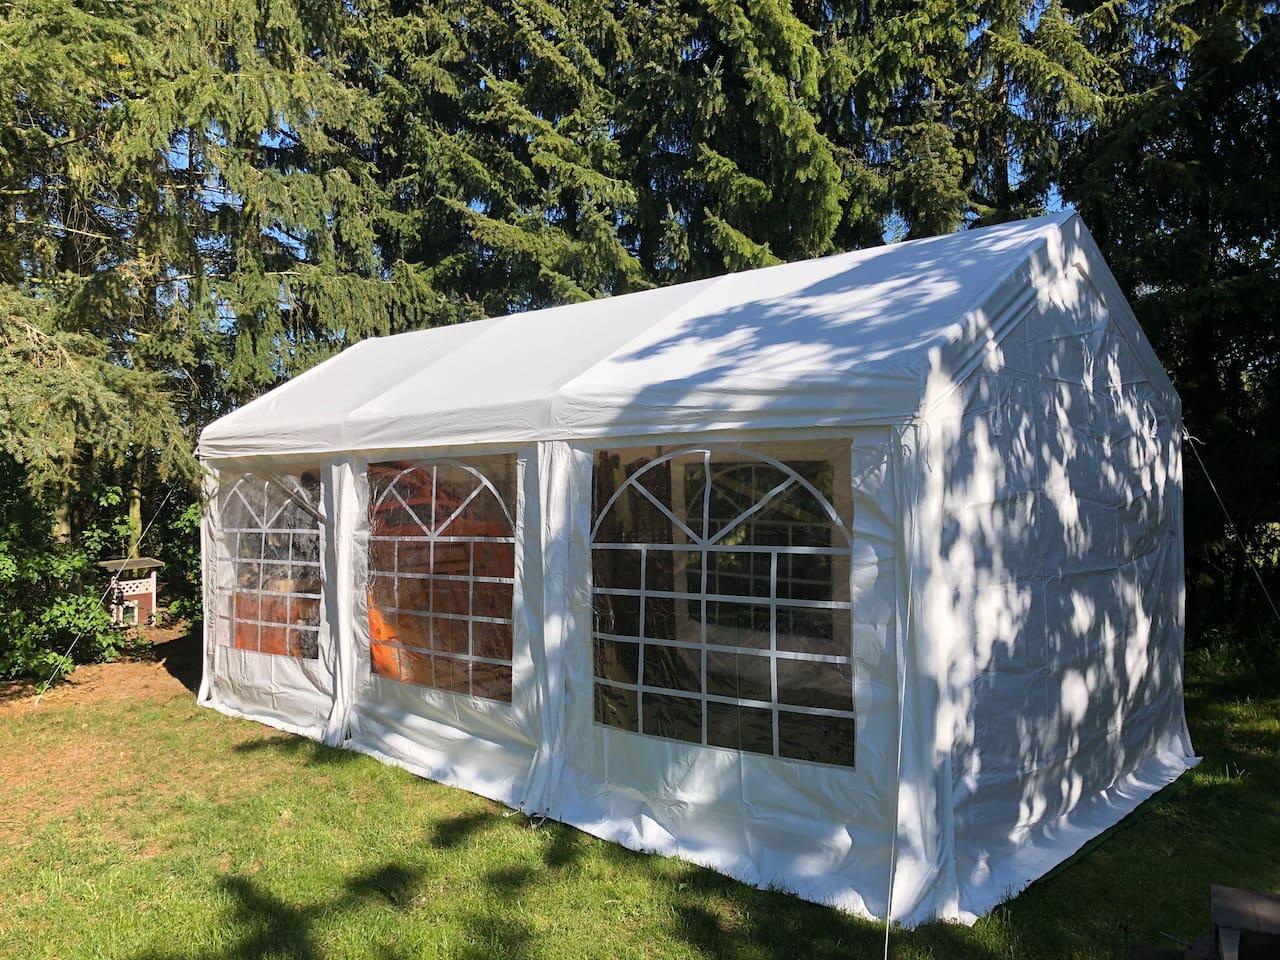 Das große 3x6 m Zelt mit maximal 4 Feldbetten, beheizbar (siehe Bausteinsystem unter Hausregeln)